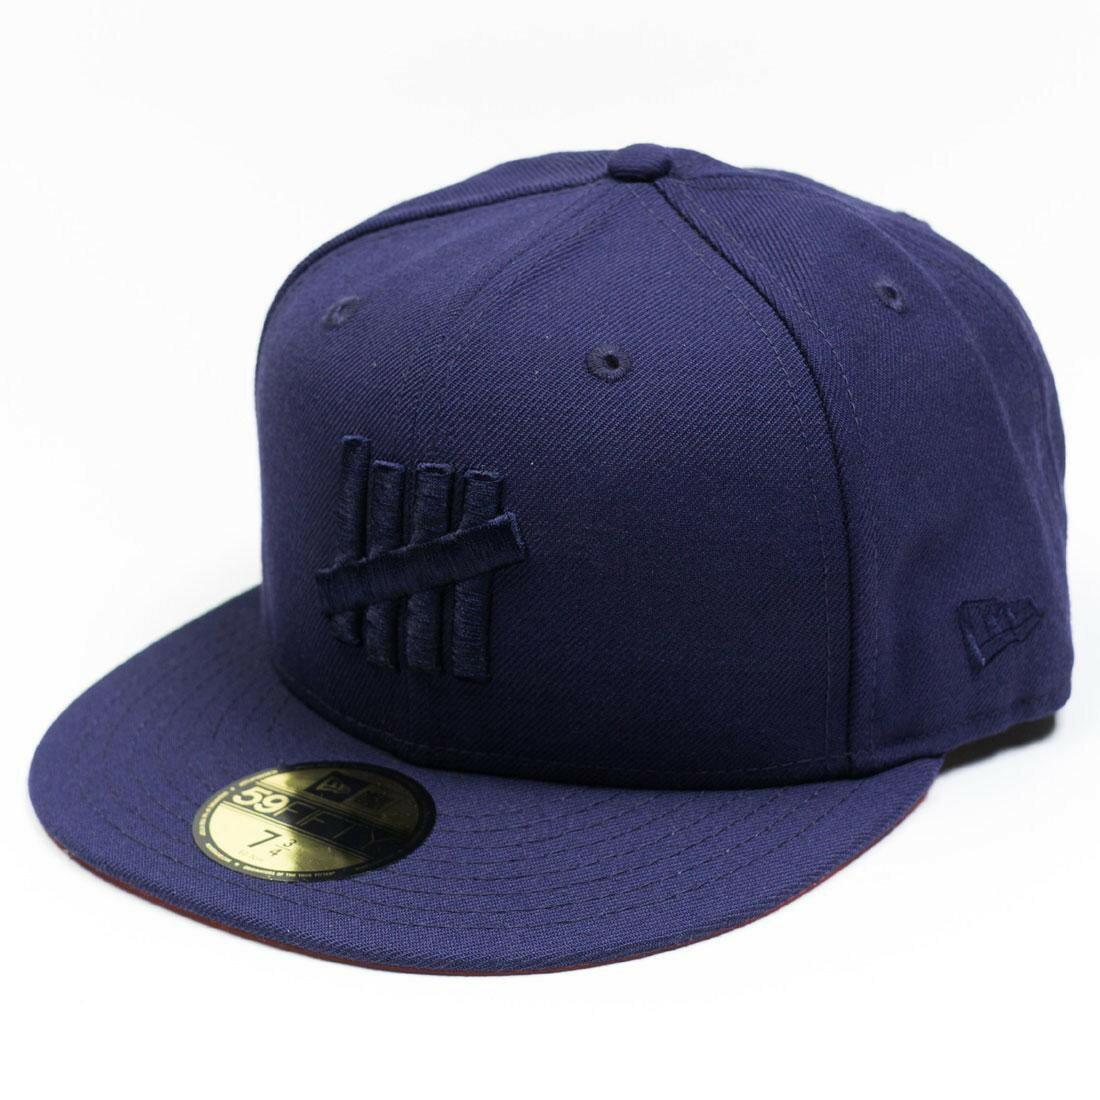 メンズ帽子, キャップ  UNDEFEATED X NEW ERA EJECT FITTED CAP NAVY